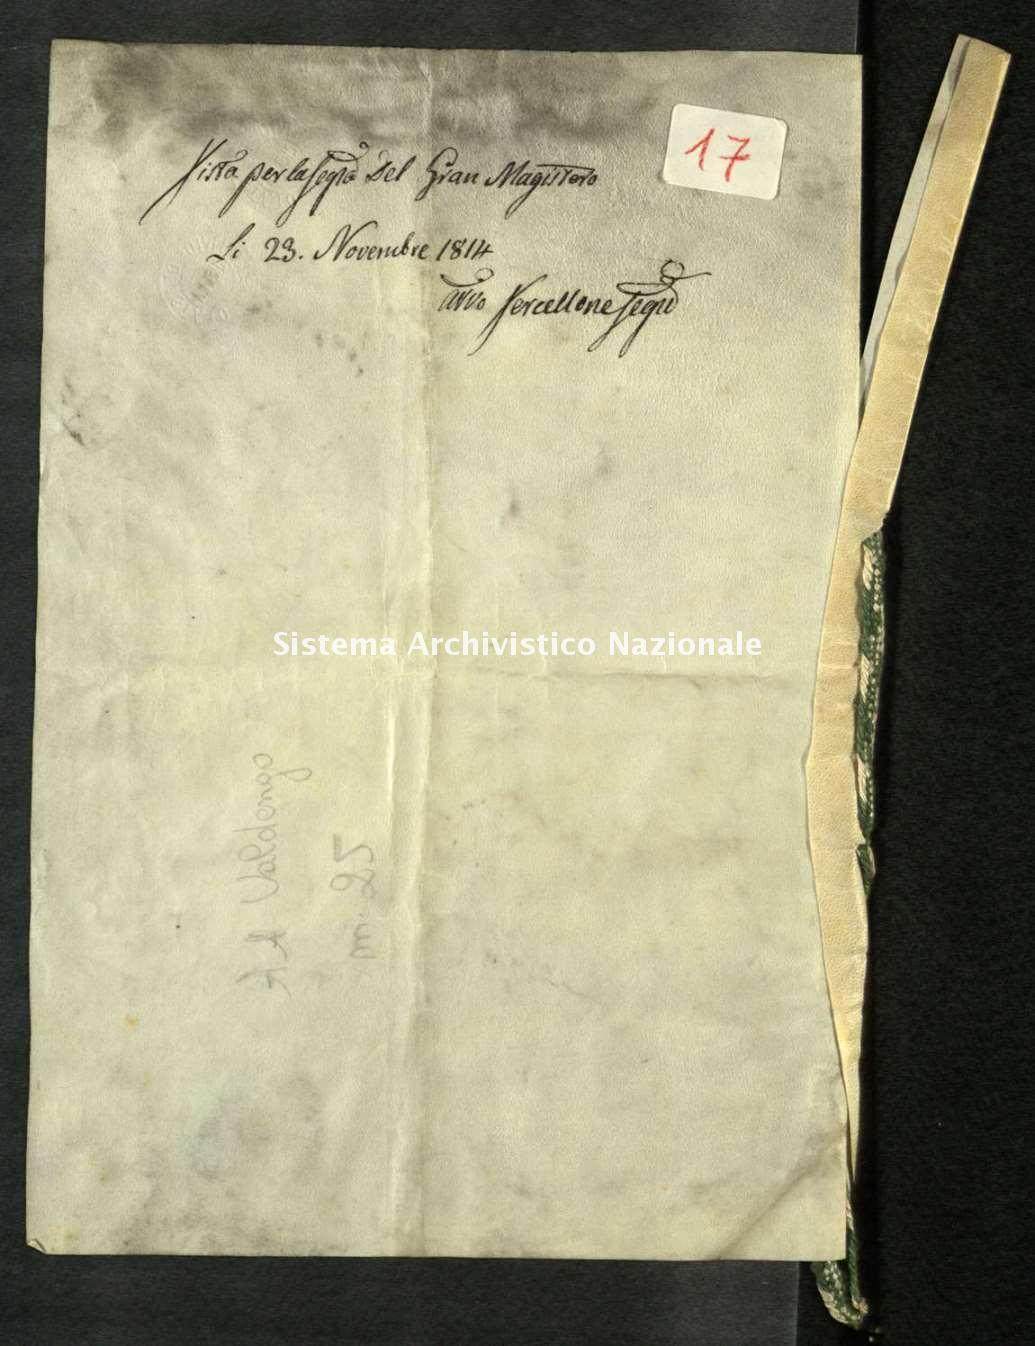 Archivio di Stato di Biella, Avogadro di Valdengo, Pergamene, Pergamene III, Firenze 01 giugno 1800